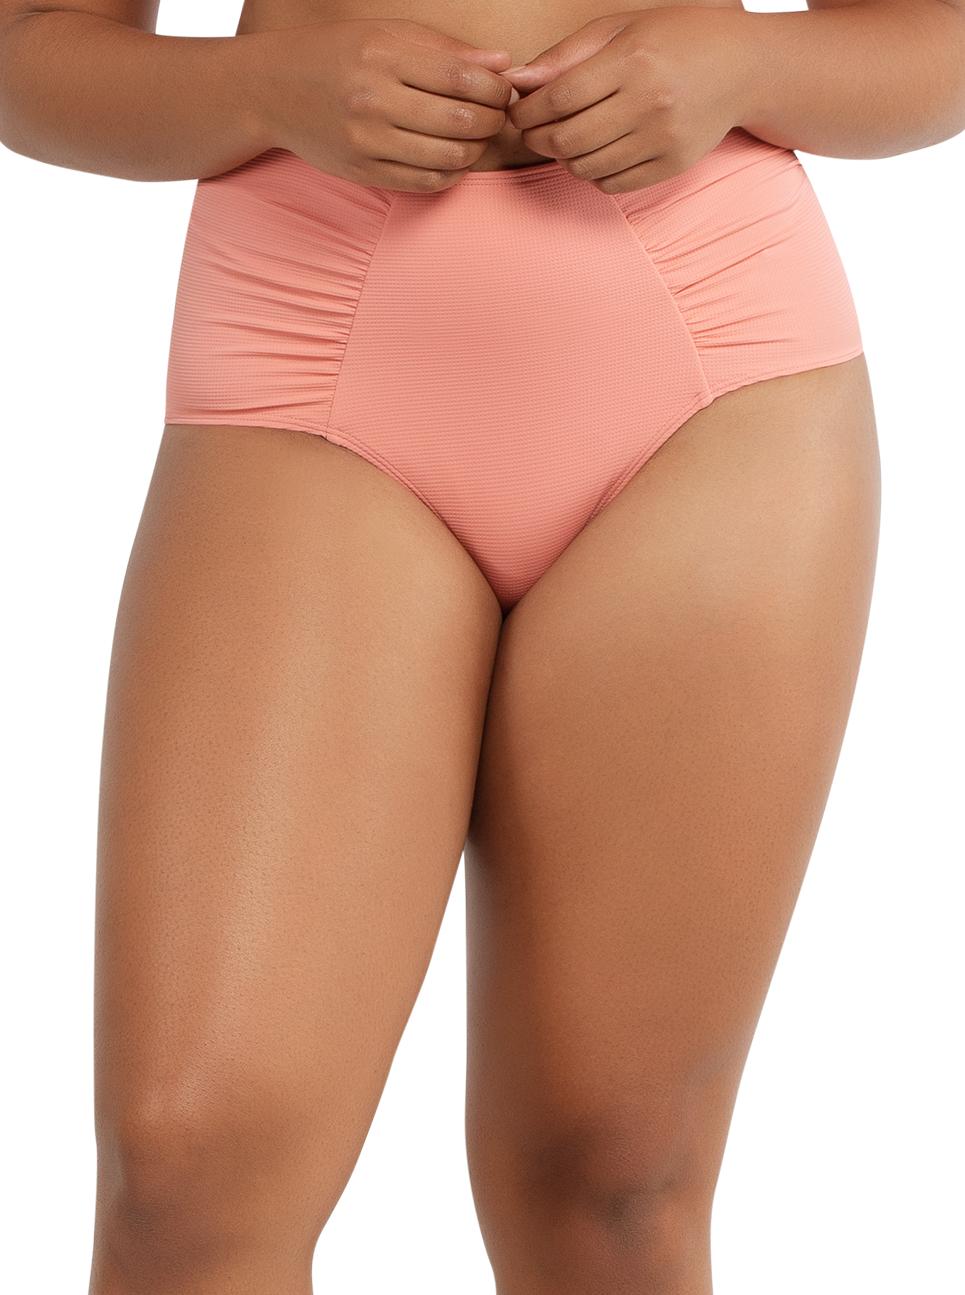 PARFAIT Vivien HighwaistedBottomS8165 PinkBlush Front - Vivien Highwaisted Bottom Pink Blush S8165